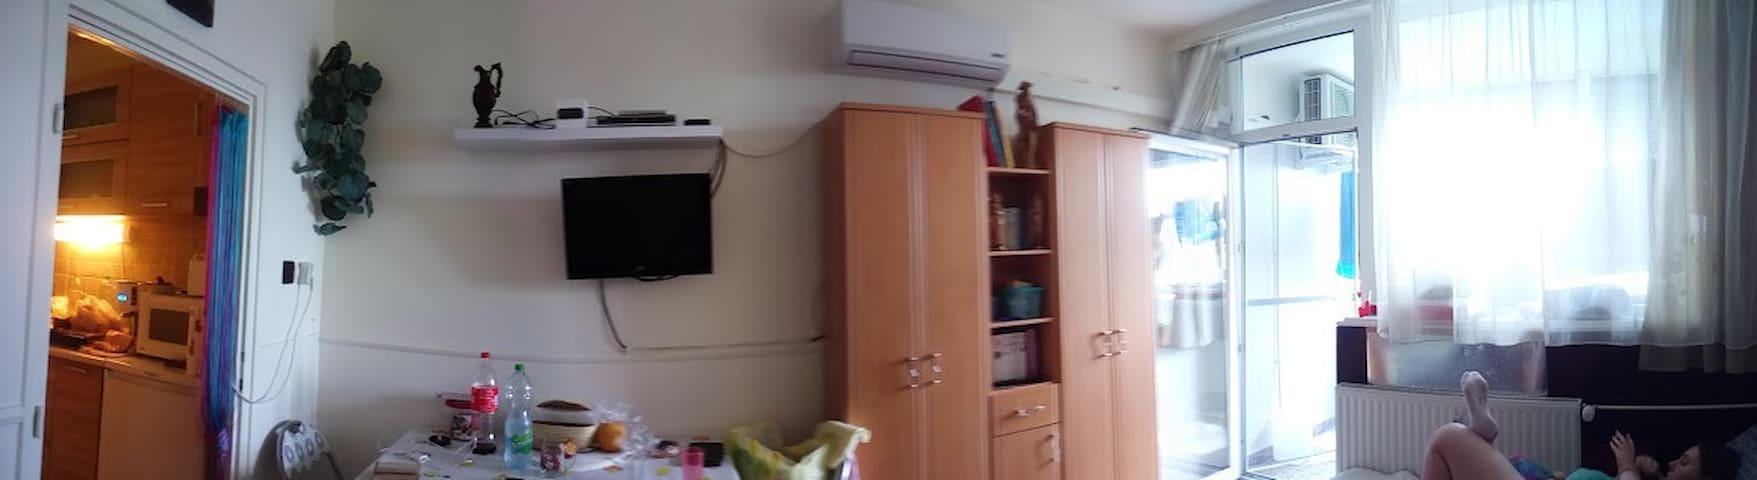 Viktoria Társaság Apartmen - Keszthely - Apartment